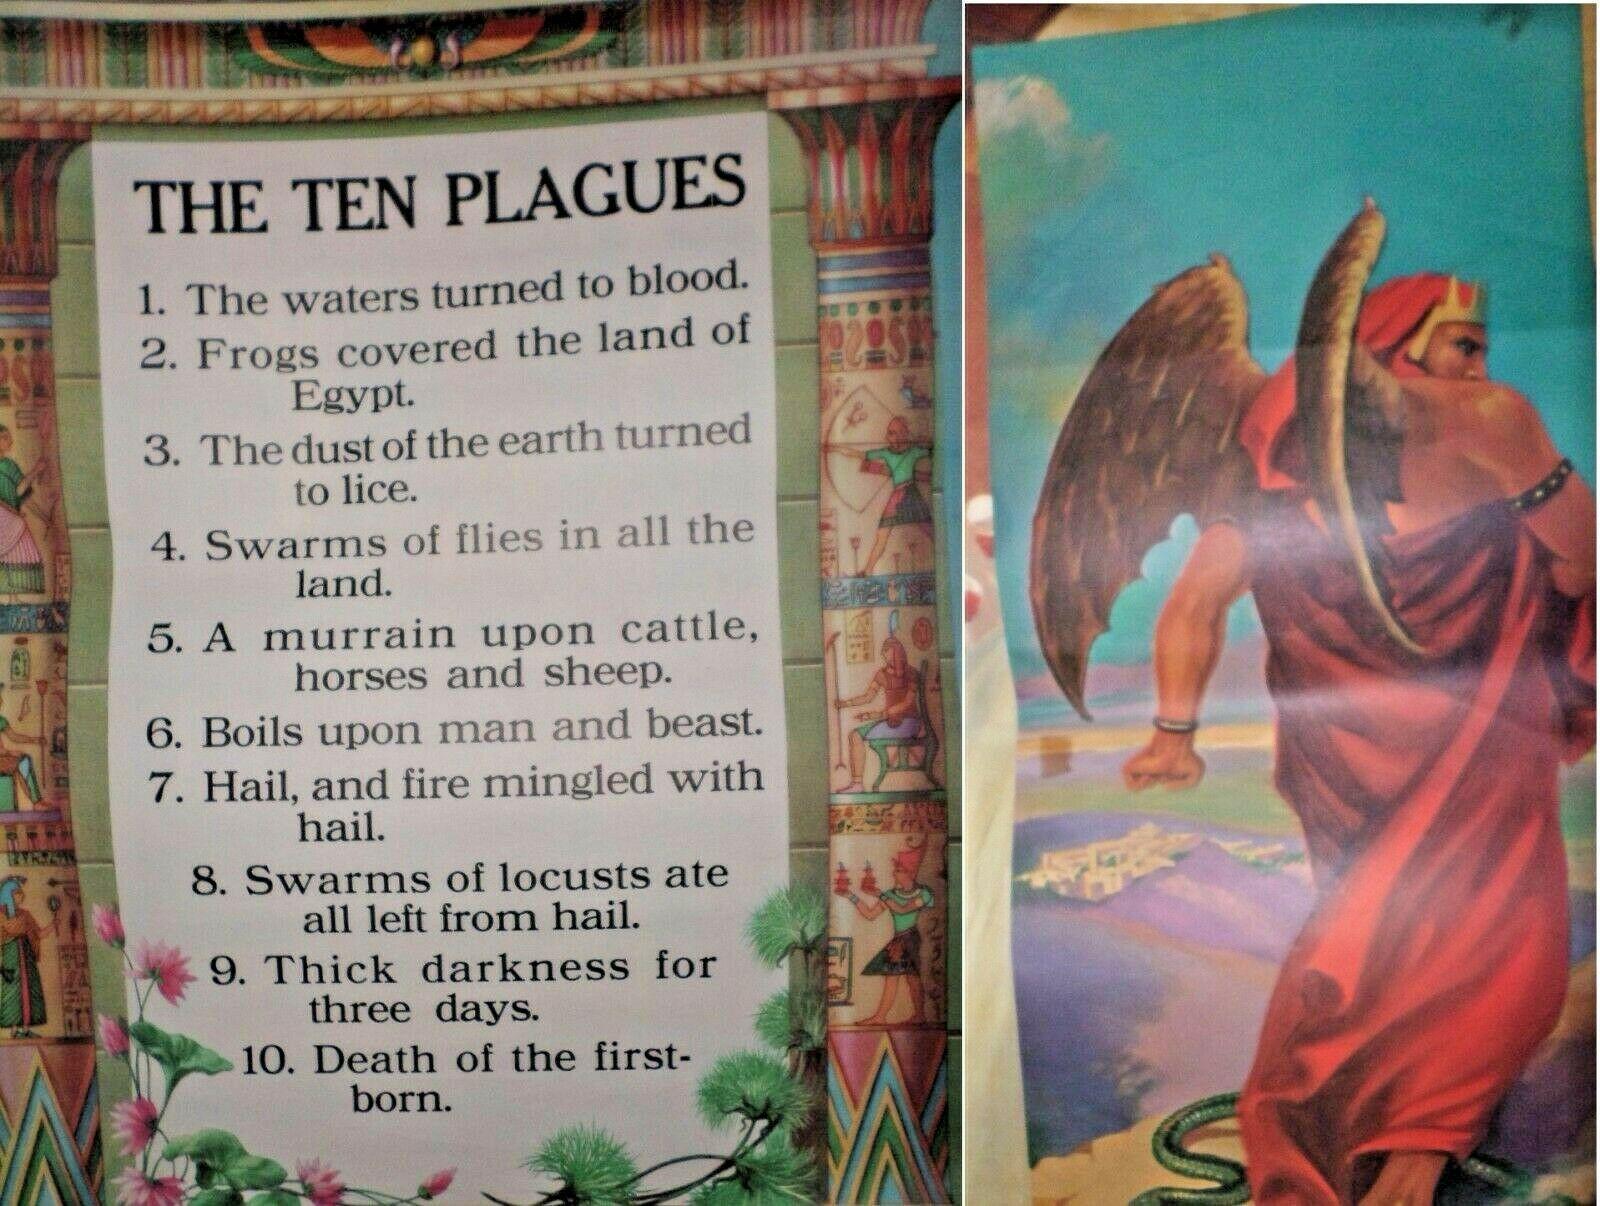 Vintage Religious Posters Church 50's 60's Jesus Bible Stories 18x24 15pcs